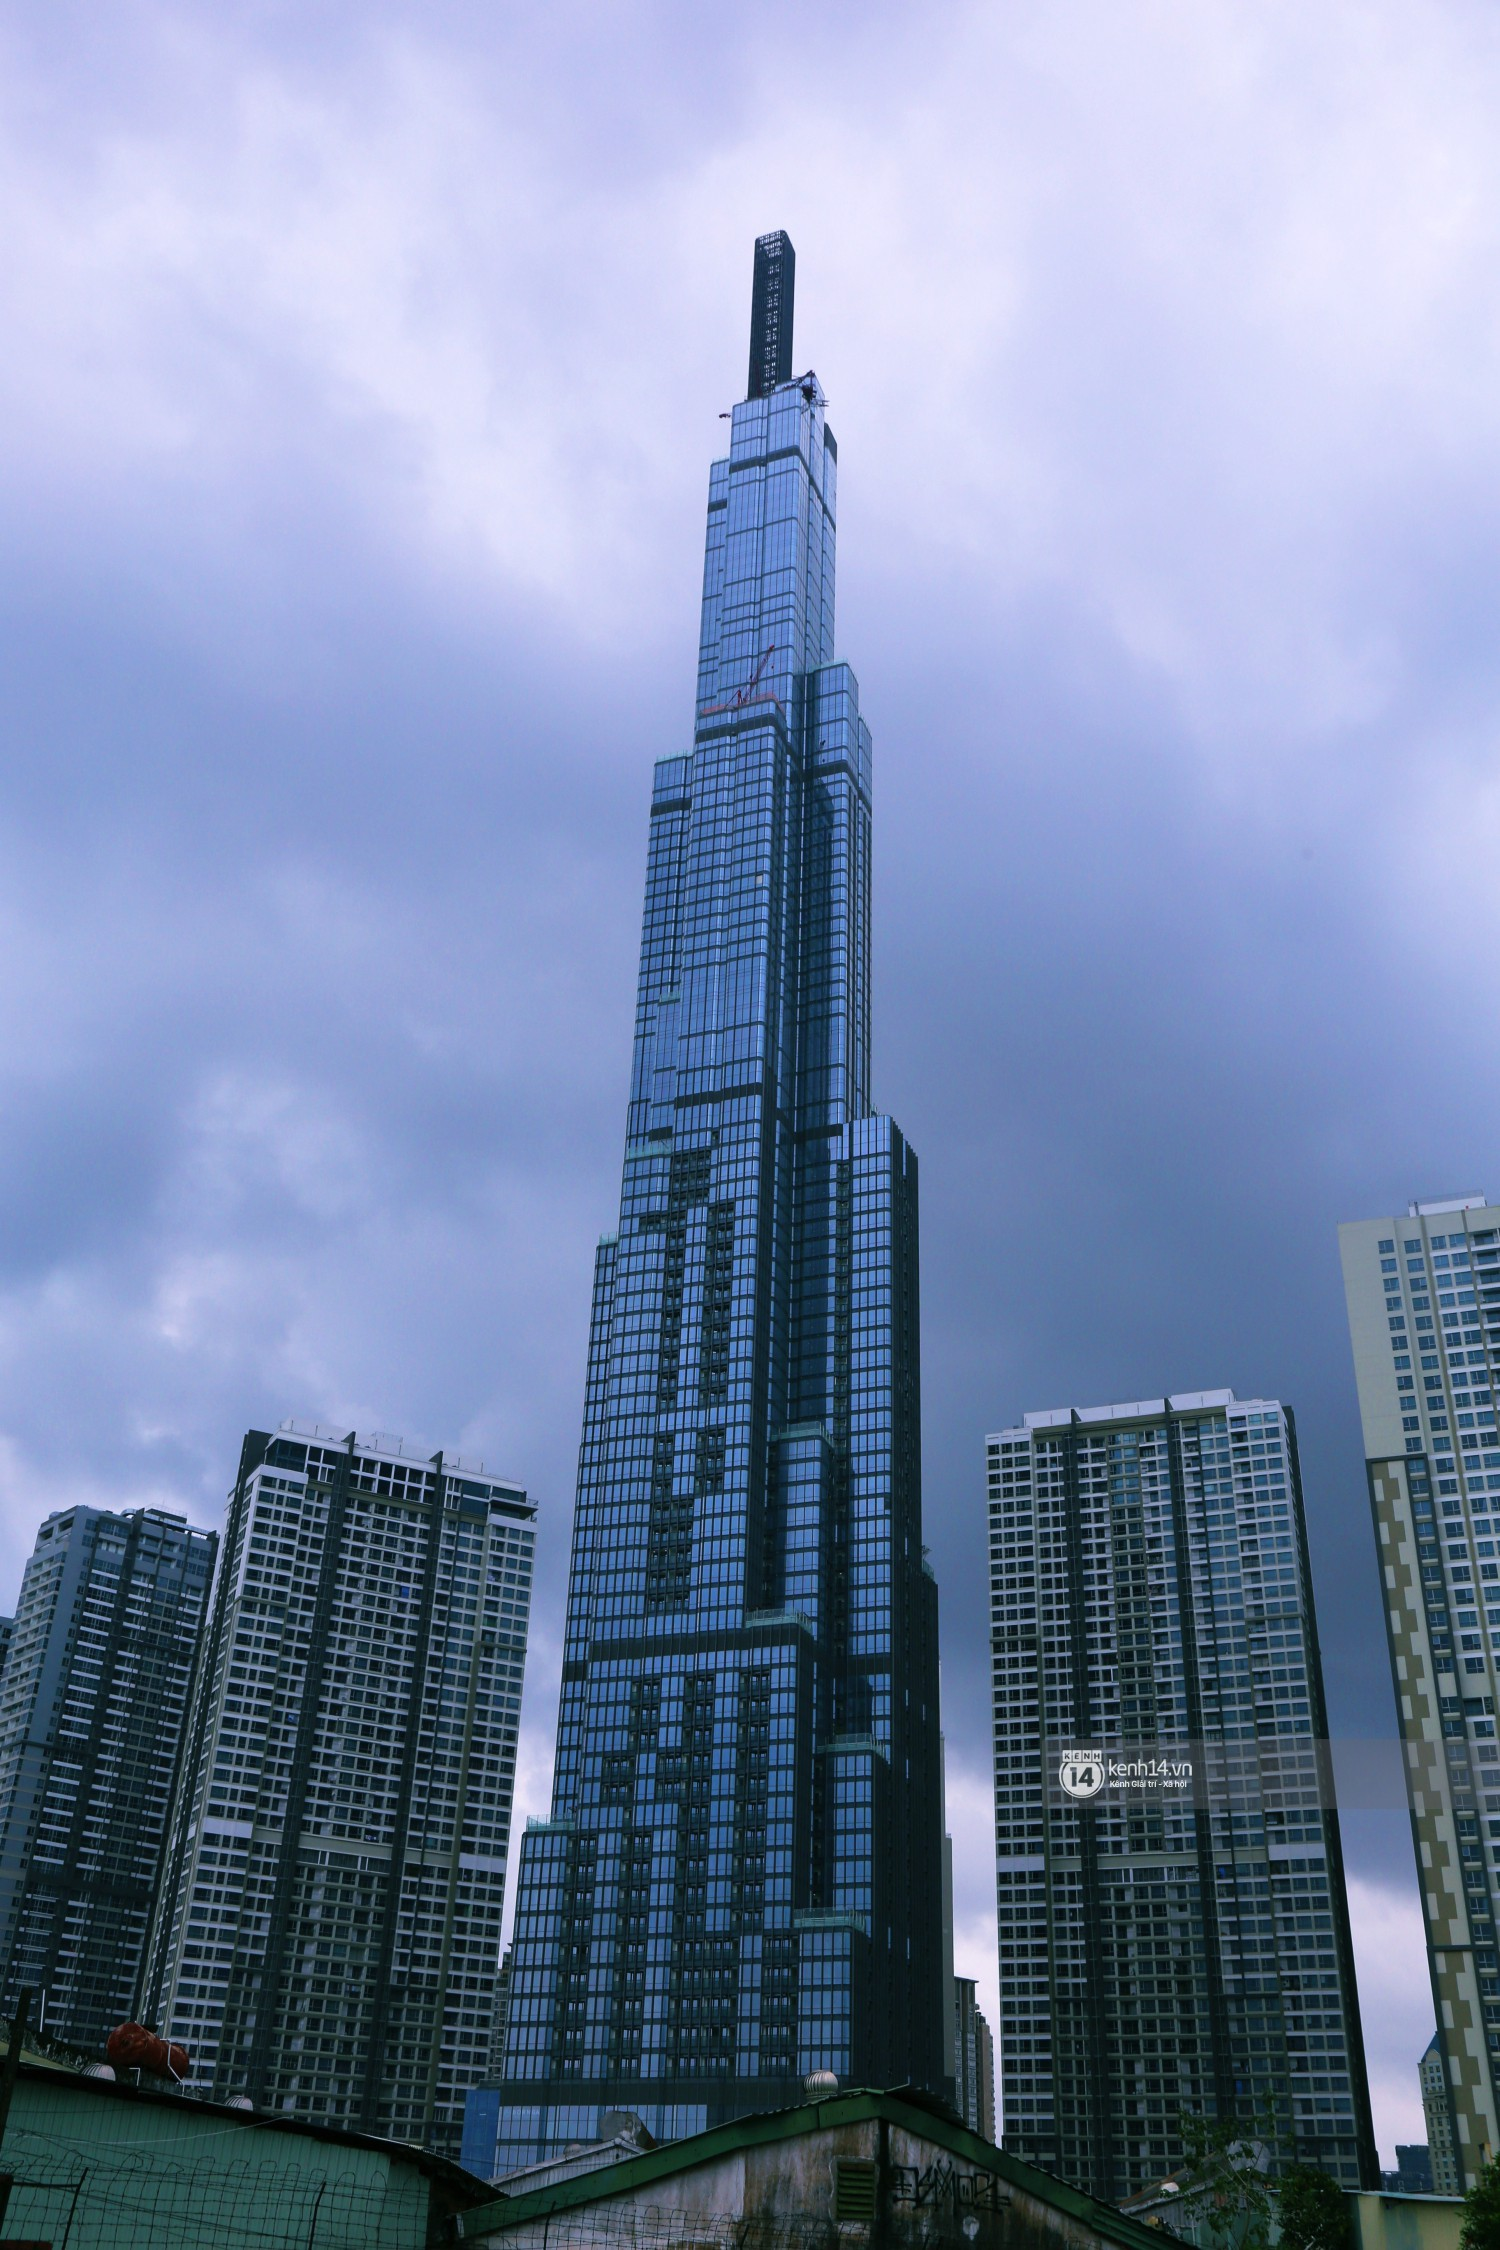 Chùm ảnh: Toàn cảnh toà nhà 81 tầng cao nhất Việt Nam trước ngày khai trương ở Sài Gòn - Ảnh 12.